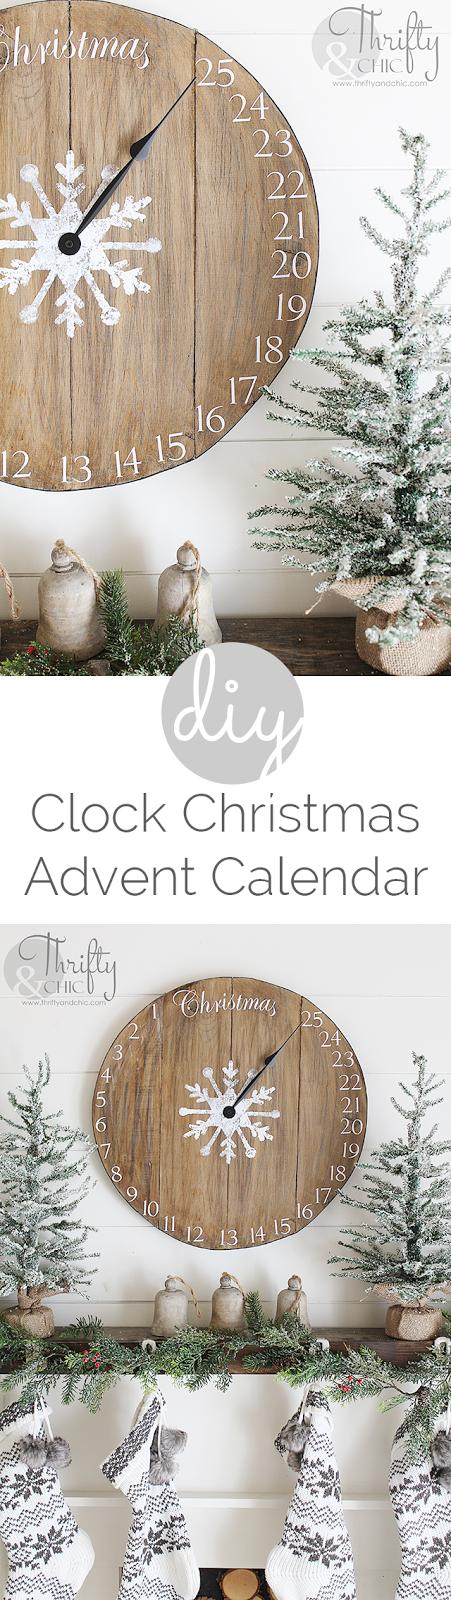 DIY wood clock advent calendar. Great farmhouse style christmas decor or decorating ideas